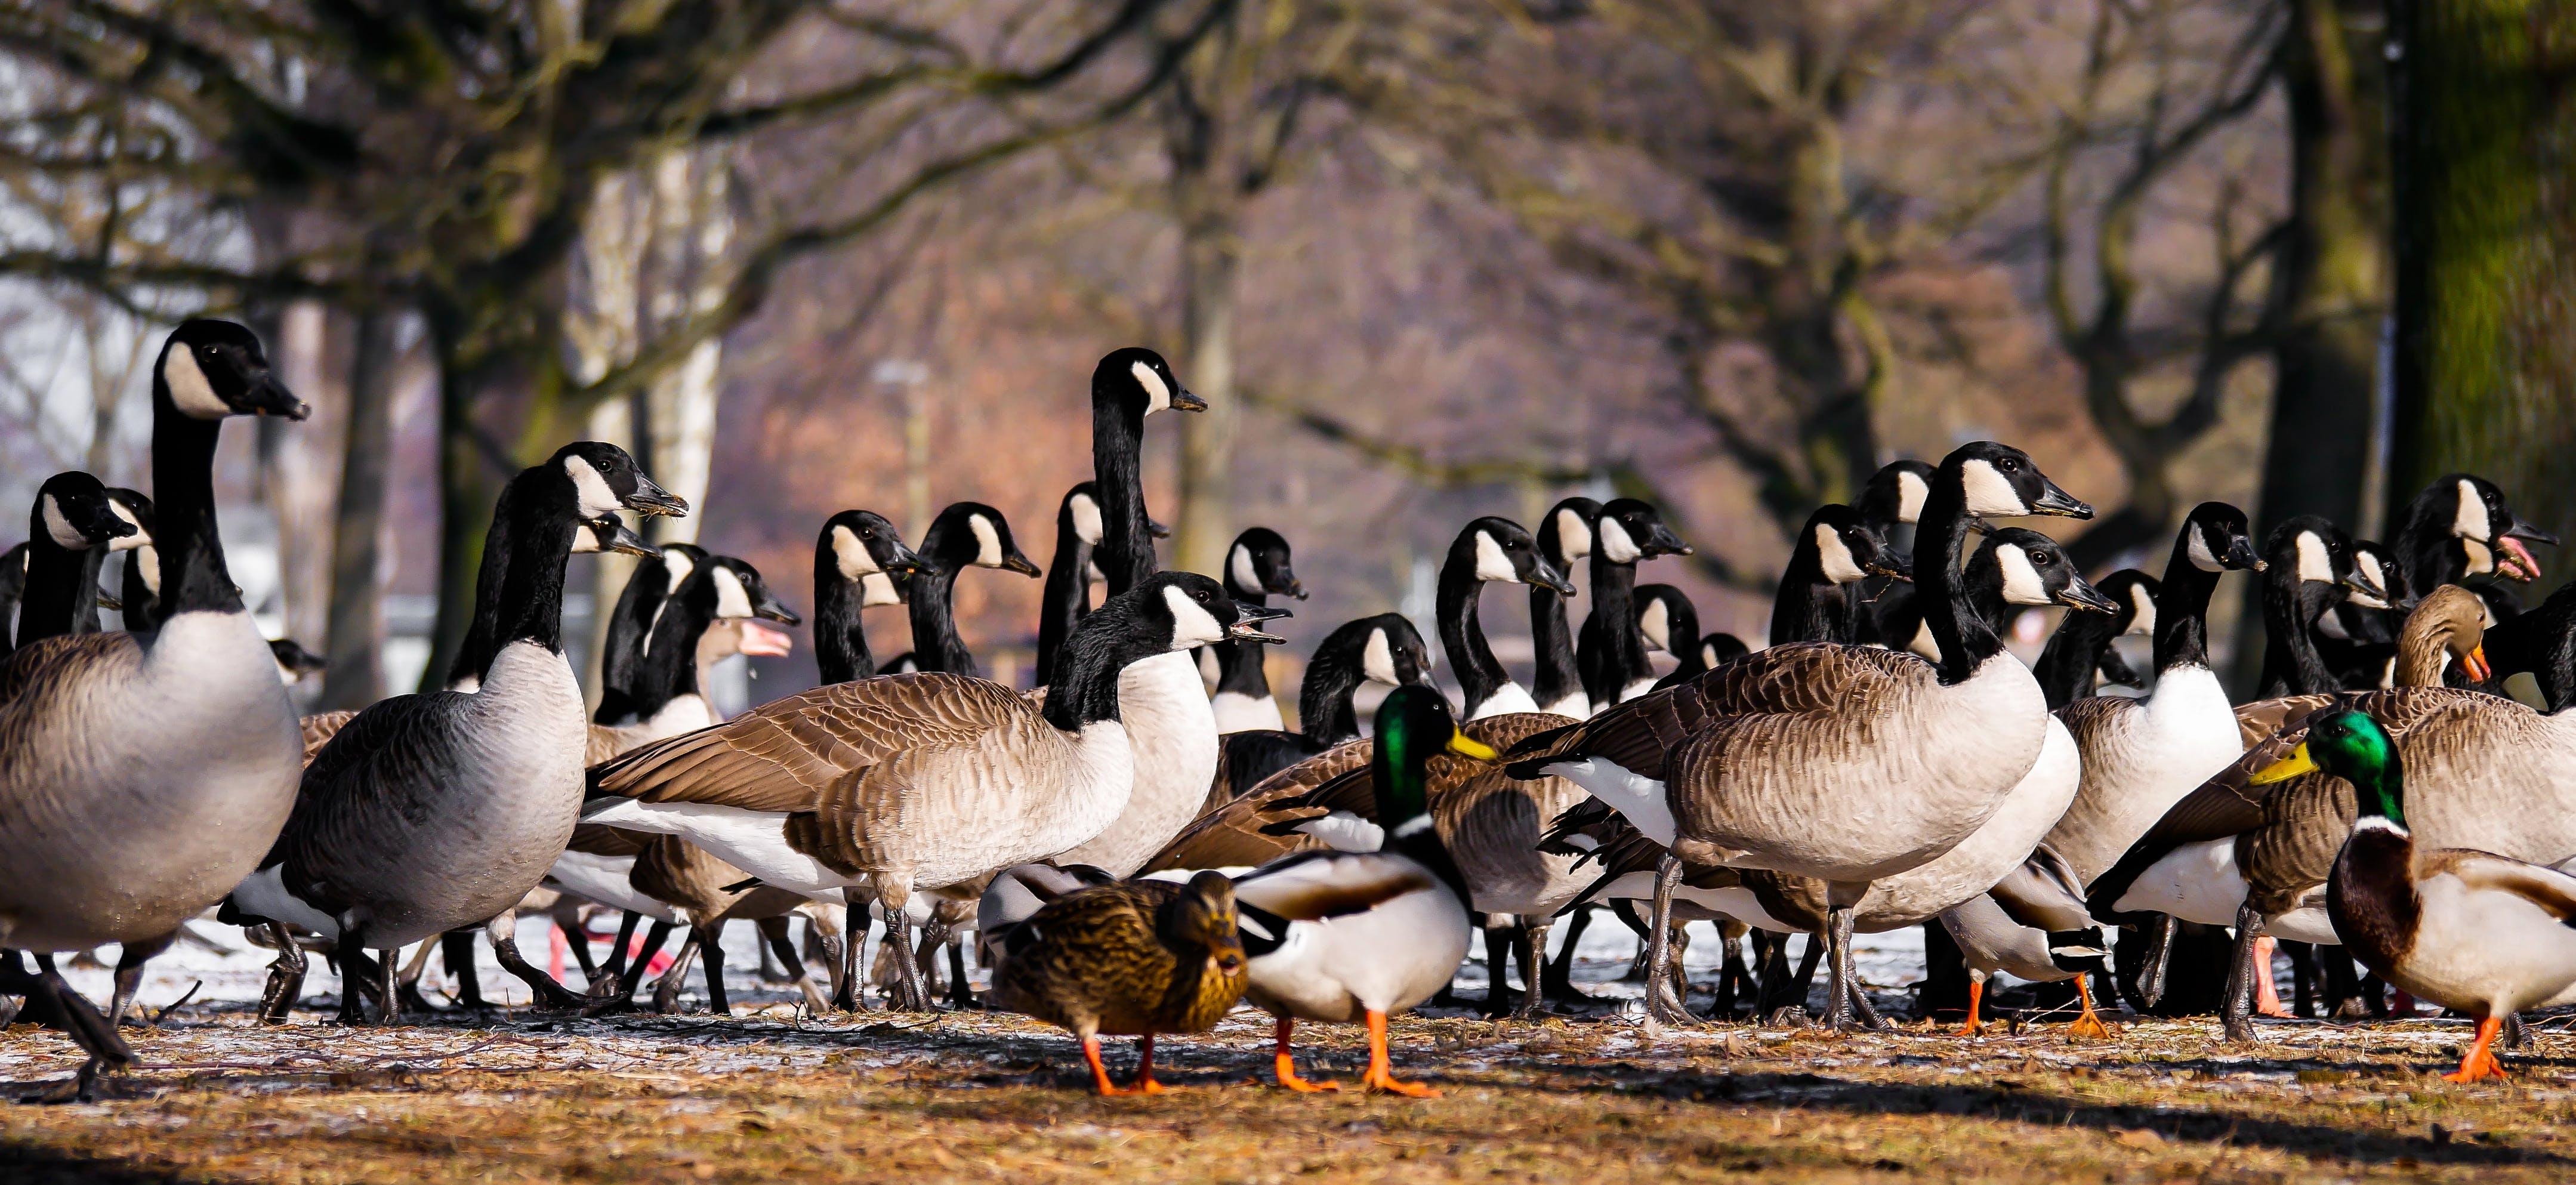 animals, bill, ducks